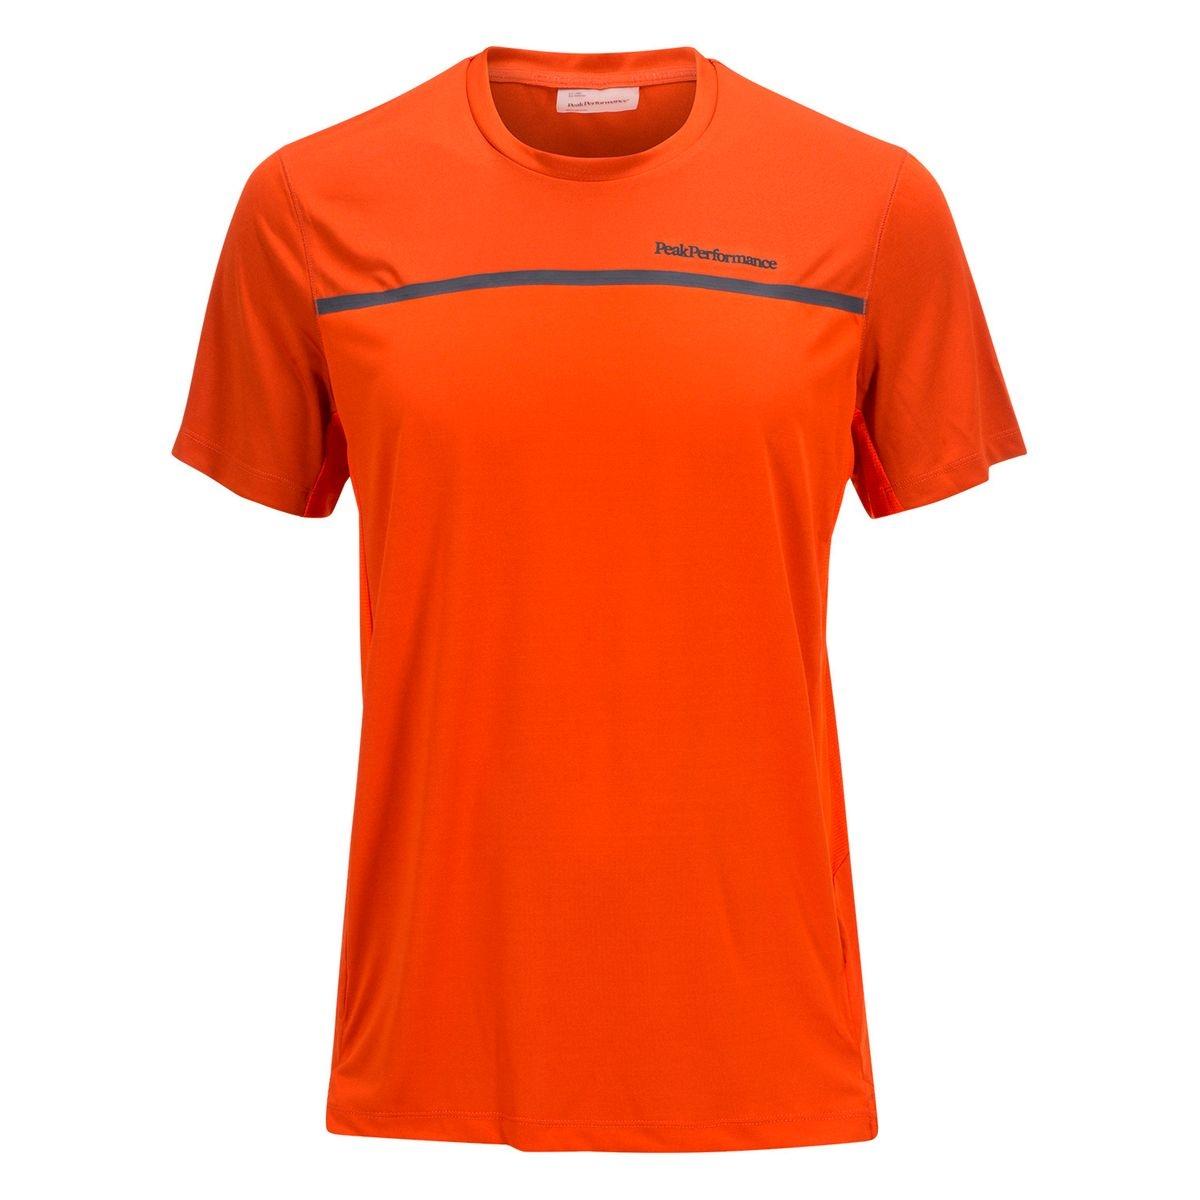 0d7fc393971 PEAK PERFORMANCE. Veste noire en tissu pour femme. 134 €. Livraison  gratuite. Wiggle. Rucker - T-shirt manches courtes Homme - orange